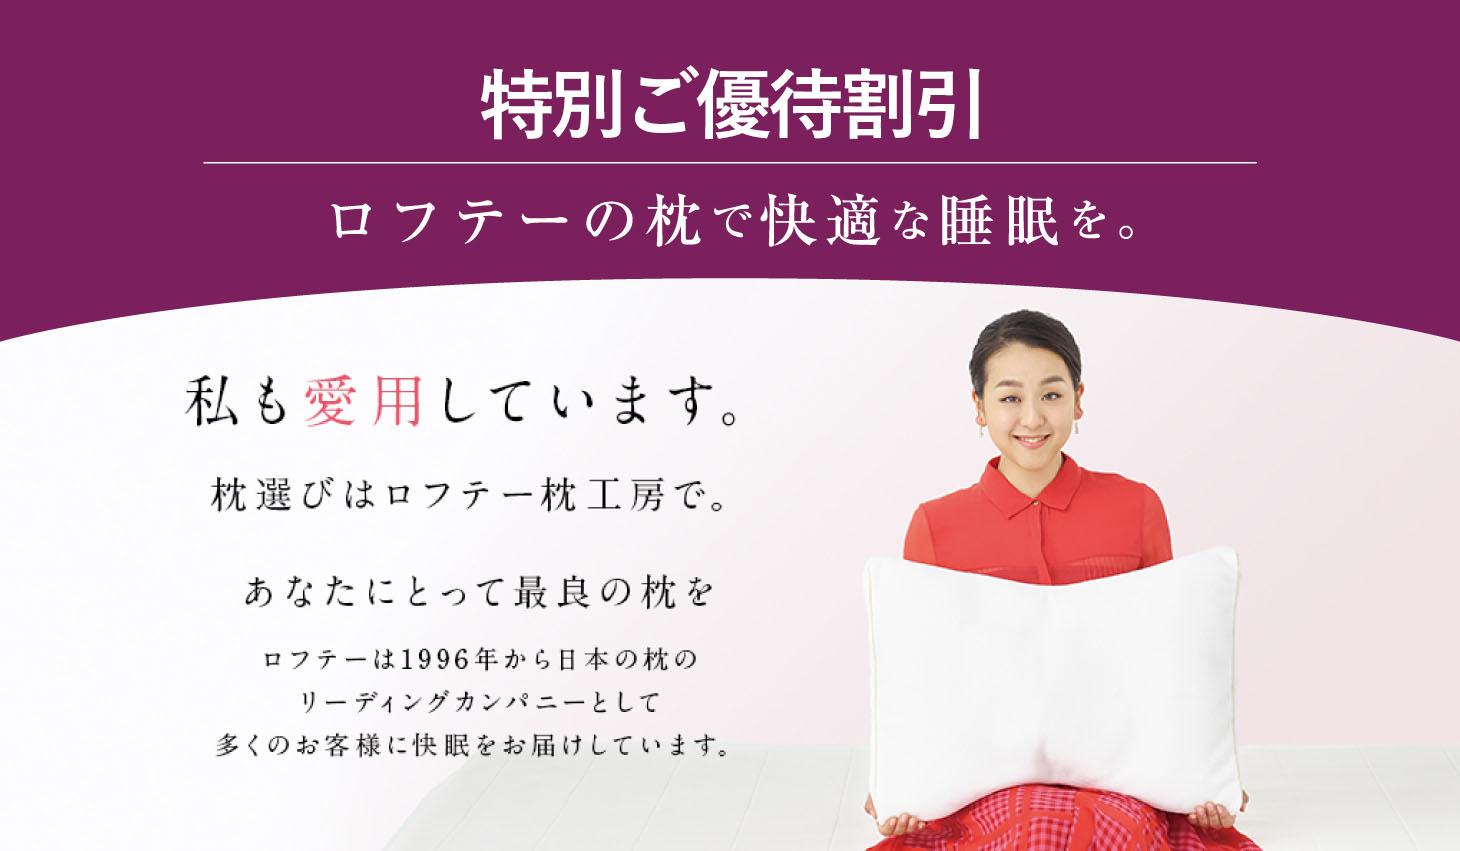 キューネ・アンド・ナーゲル株式会社様限定!特別割引販売 ロフテーの枕で快適な睡眠を。